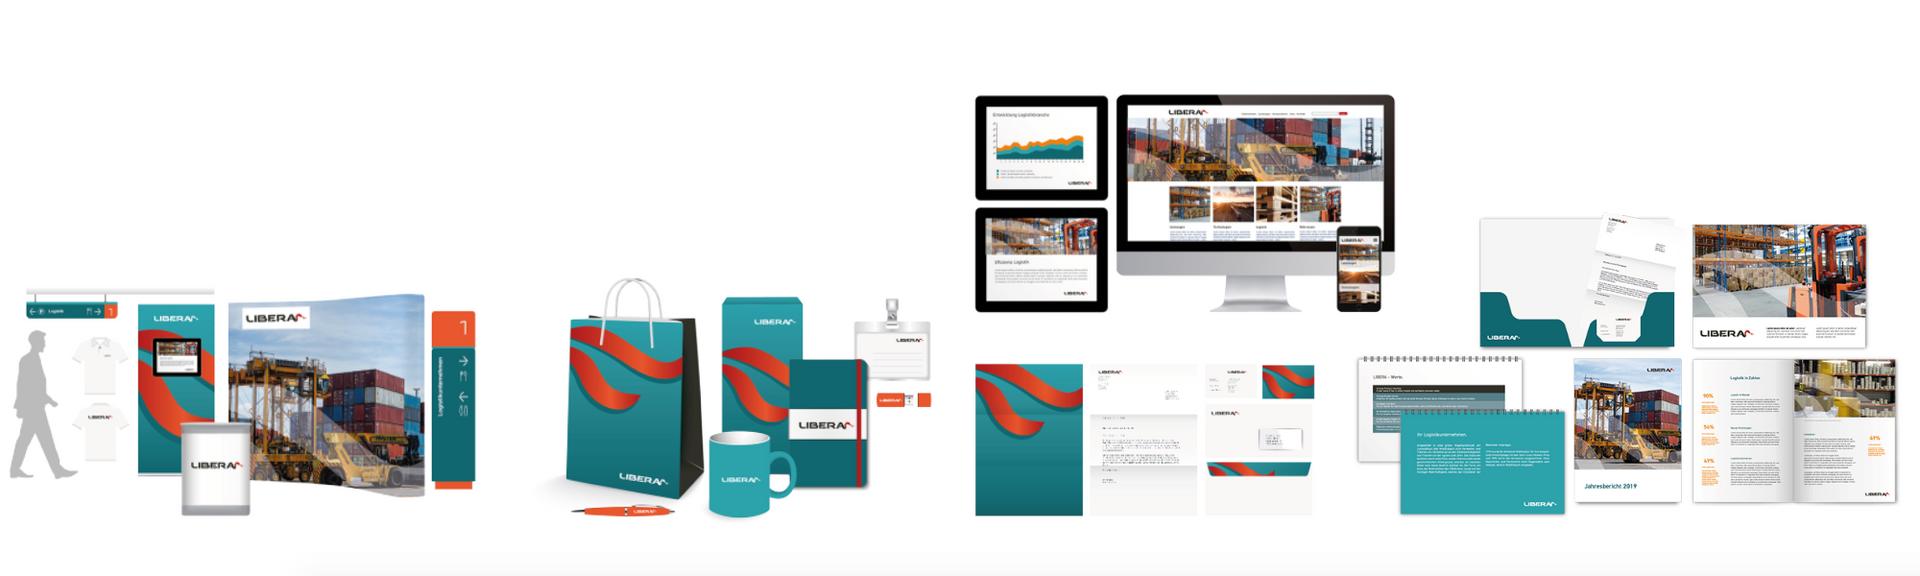 Corporate Design Lösung für Industrie Unternehmen Logistik